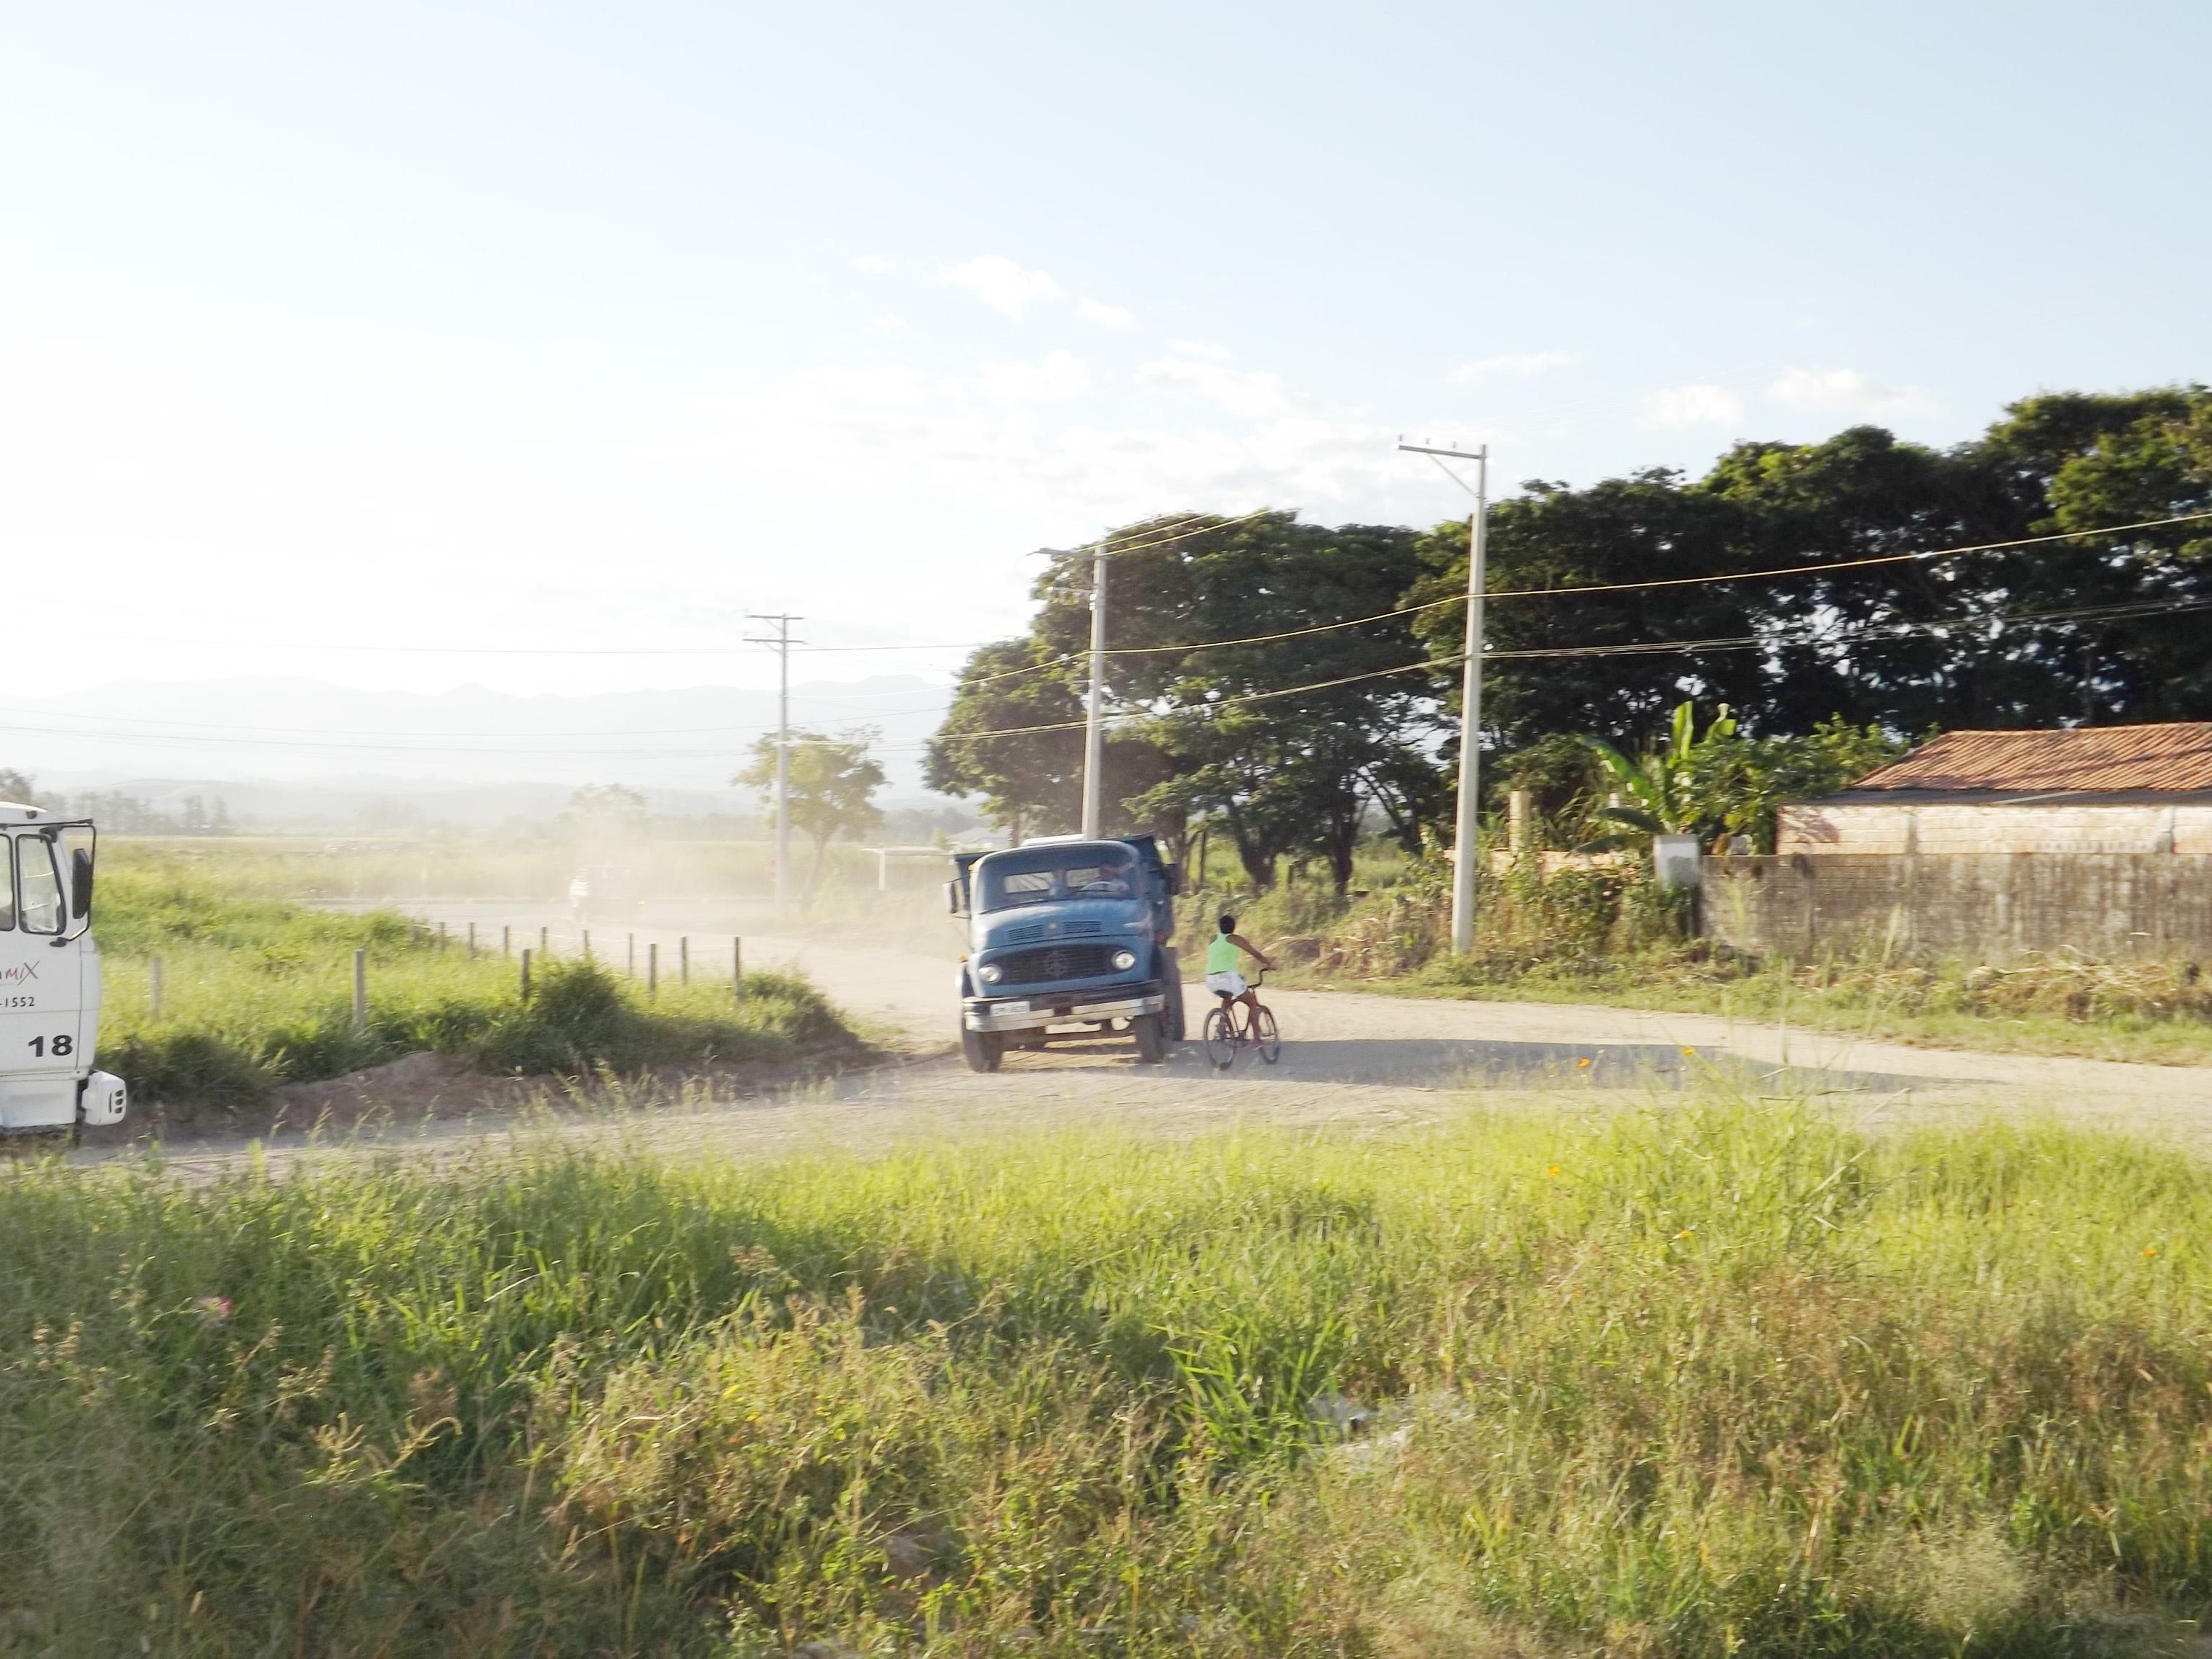 Estrada de terra e mato alto dão mostras dos problemas no bairro, próximo ao polo industrial em Canas (Lucas Barbosa)